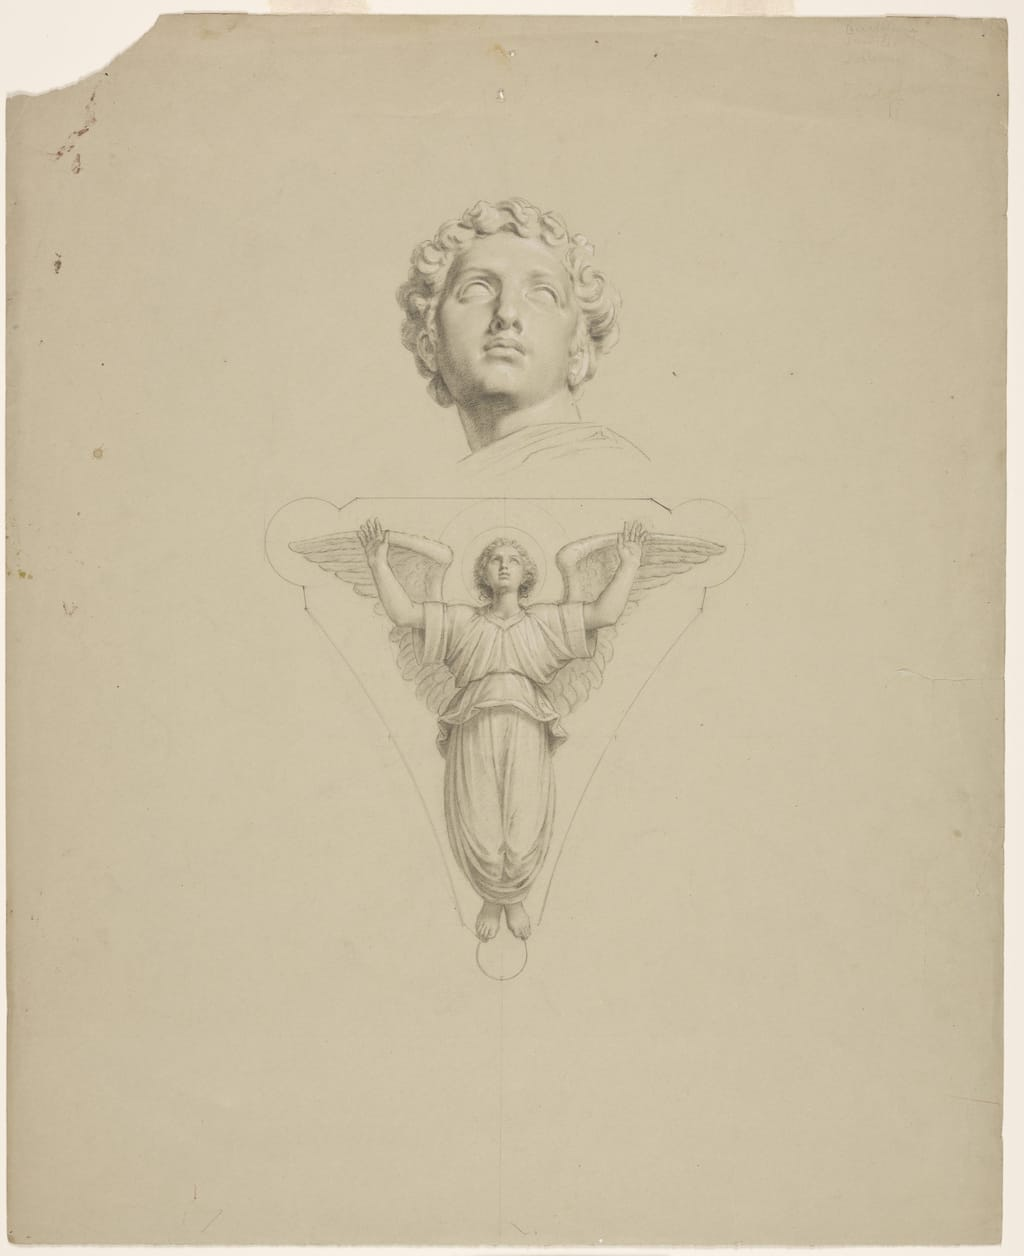 Tête, d'après le plâtre, et ange debout les bras levés. Étude pour les écoinçons de la coupole de la chapelle Notre-Dame-de-Lourdes, Montréal